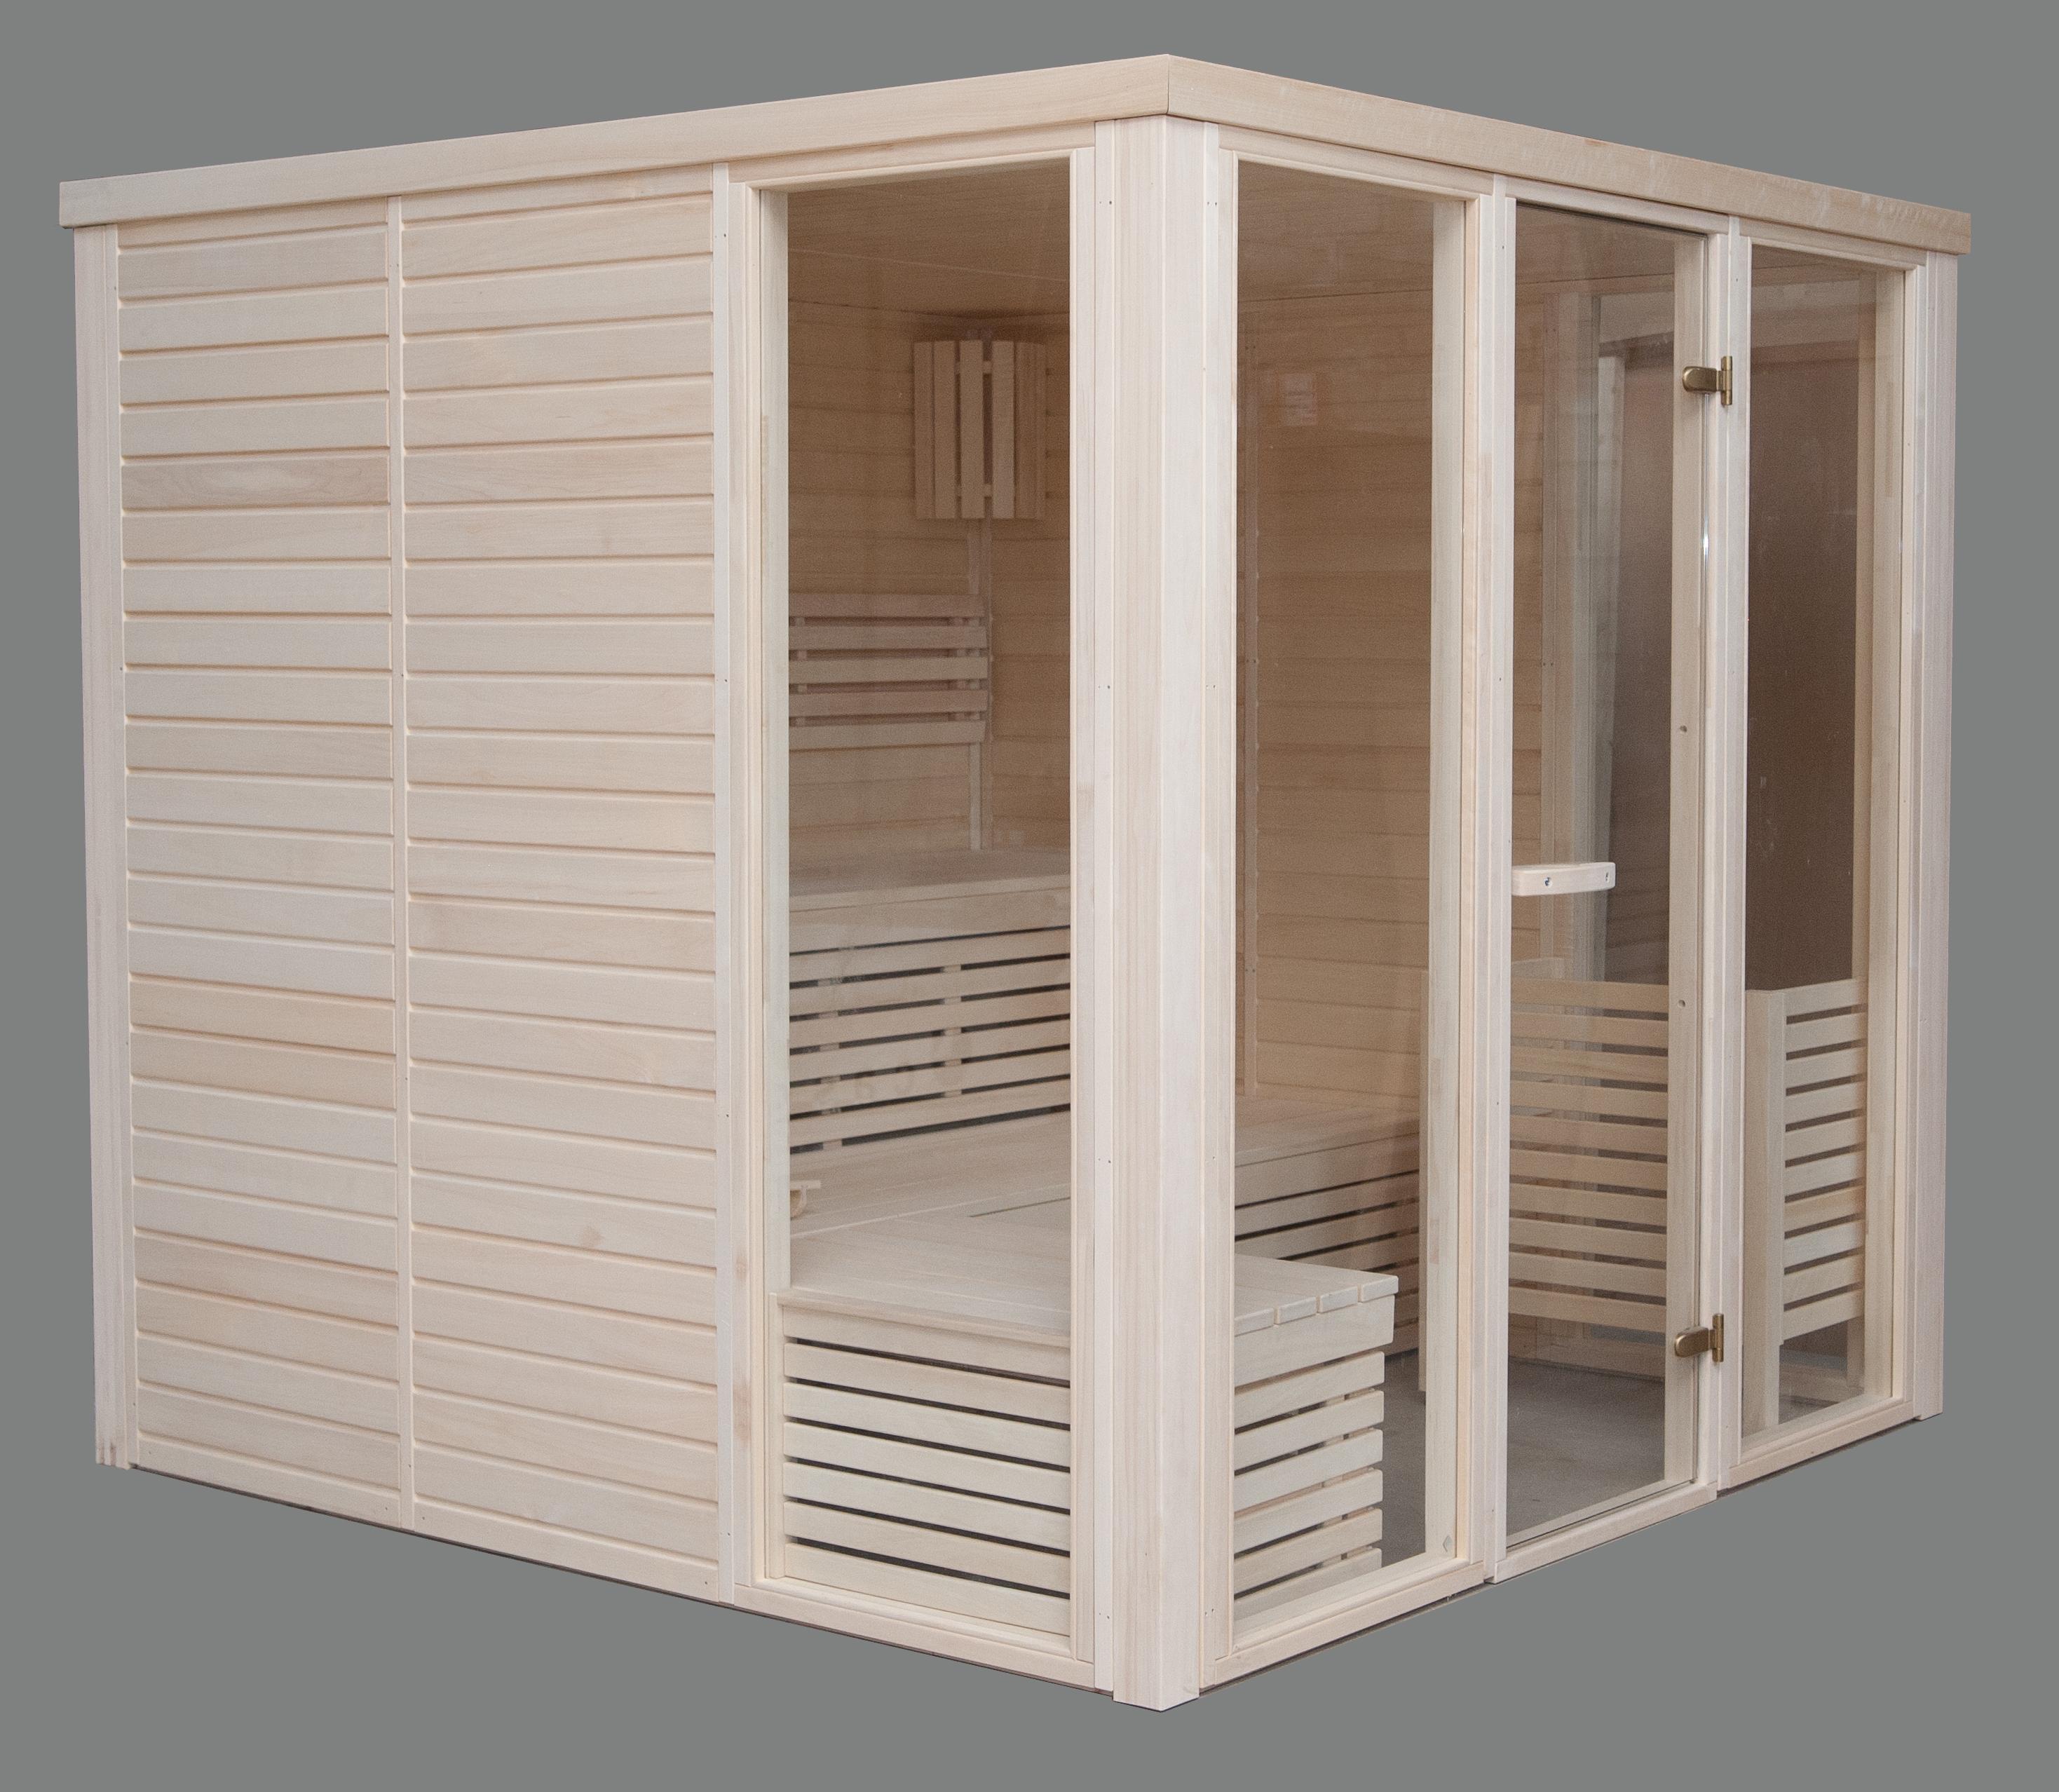 Sauna Prefabbricata Legno Prezioso Latifoglie Aspe  2.20 X 2.20 Prezzo 2692 €*